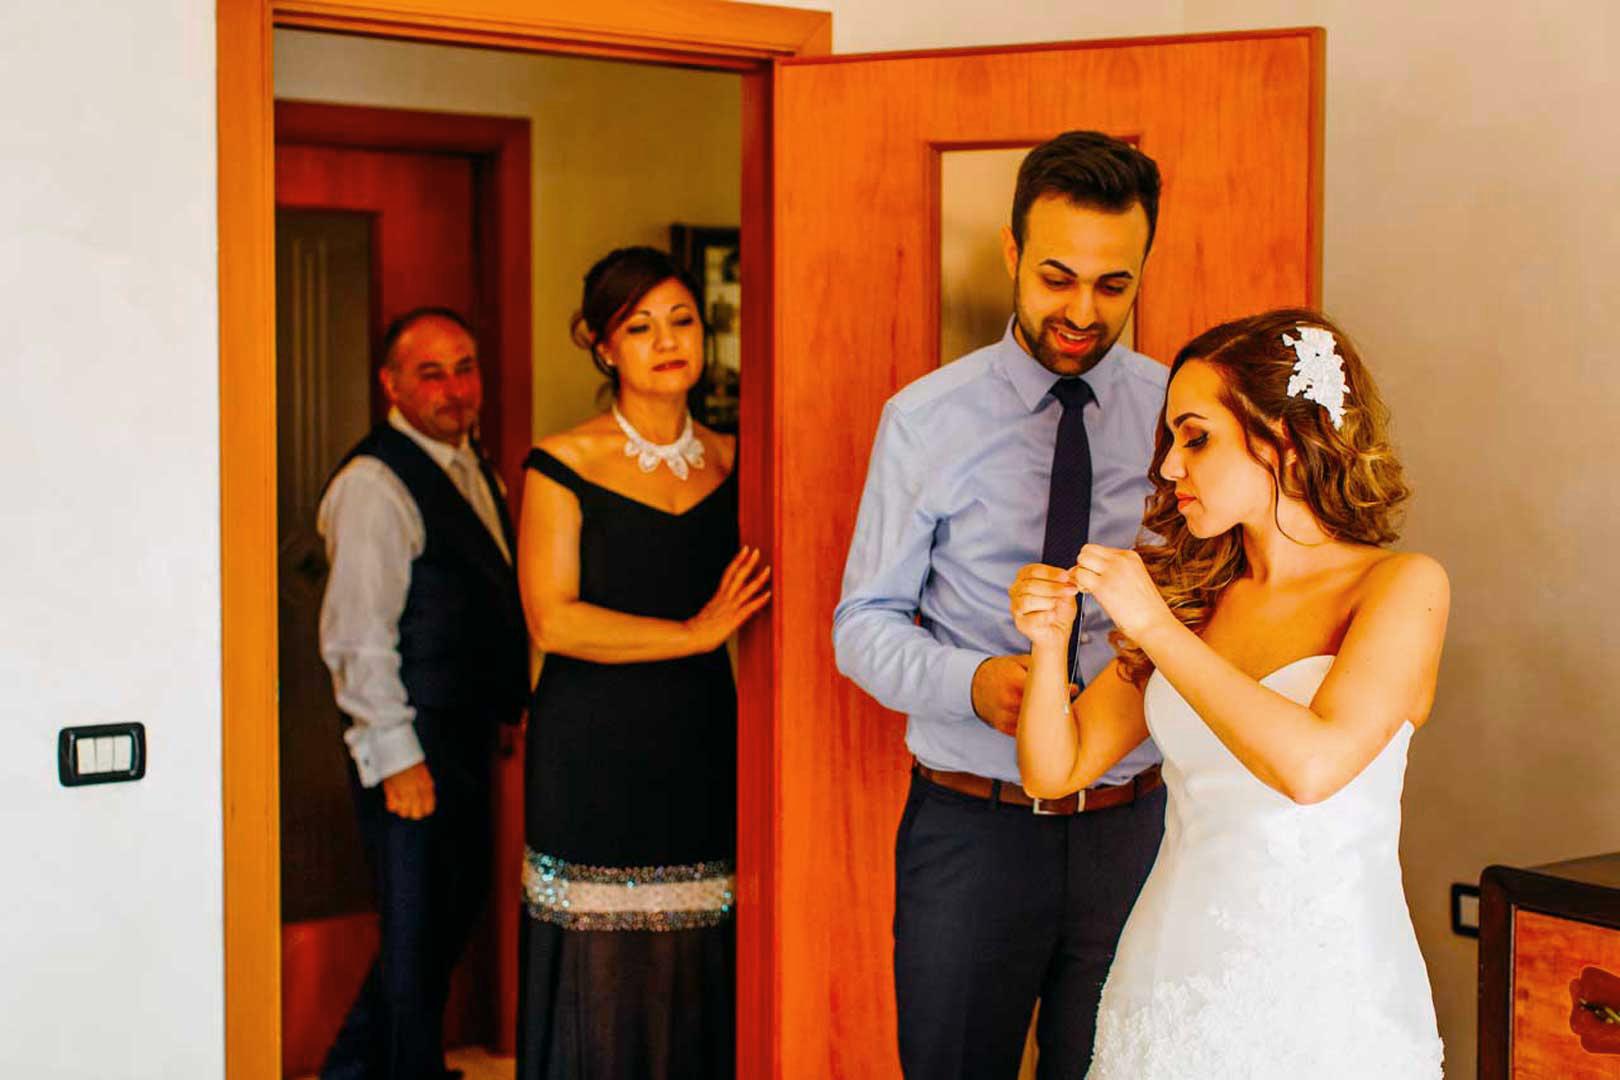 007-famiglia-sposa-gianni-lepore-fotografo